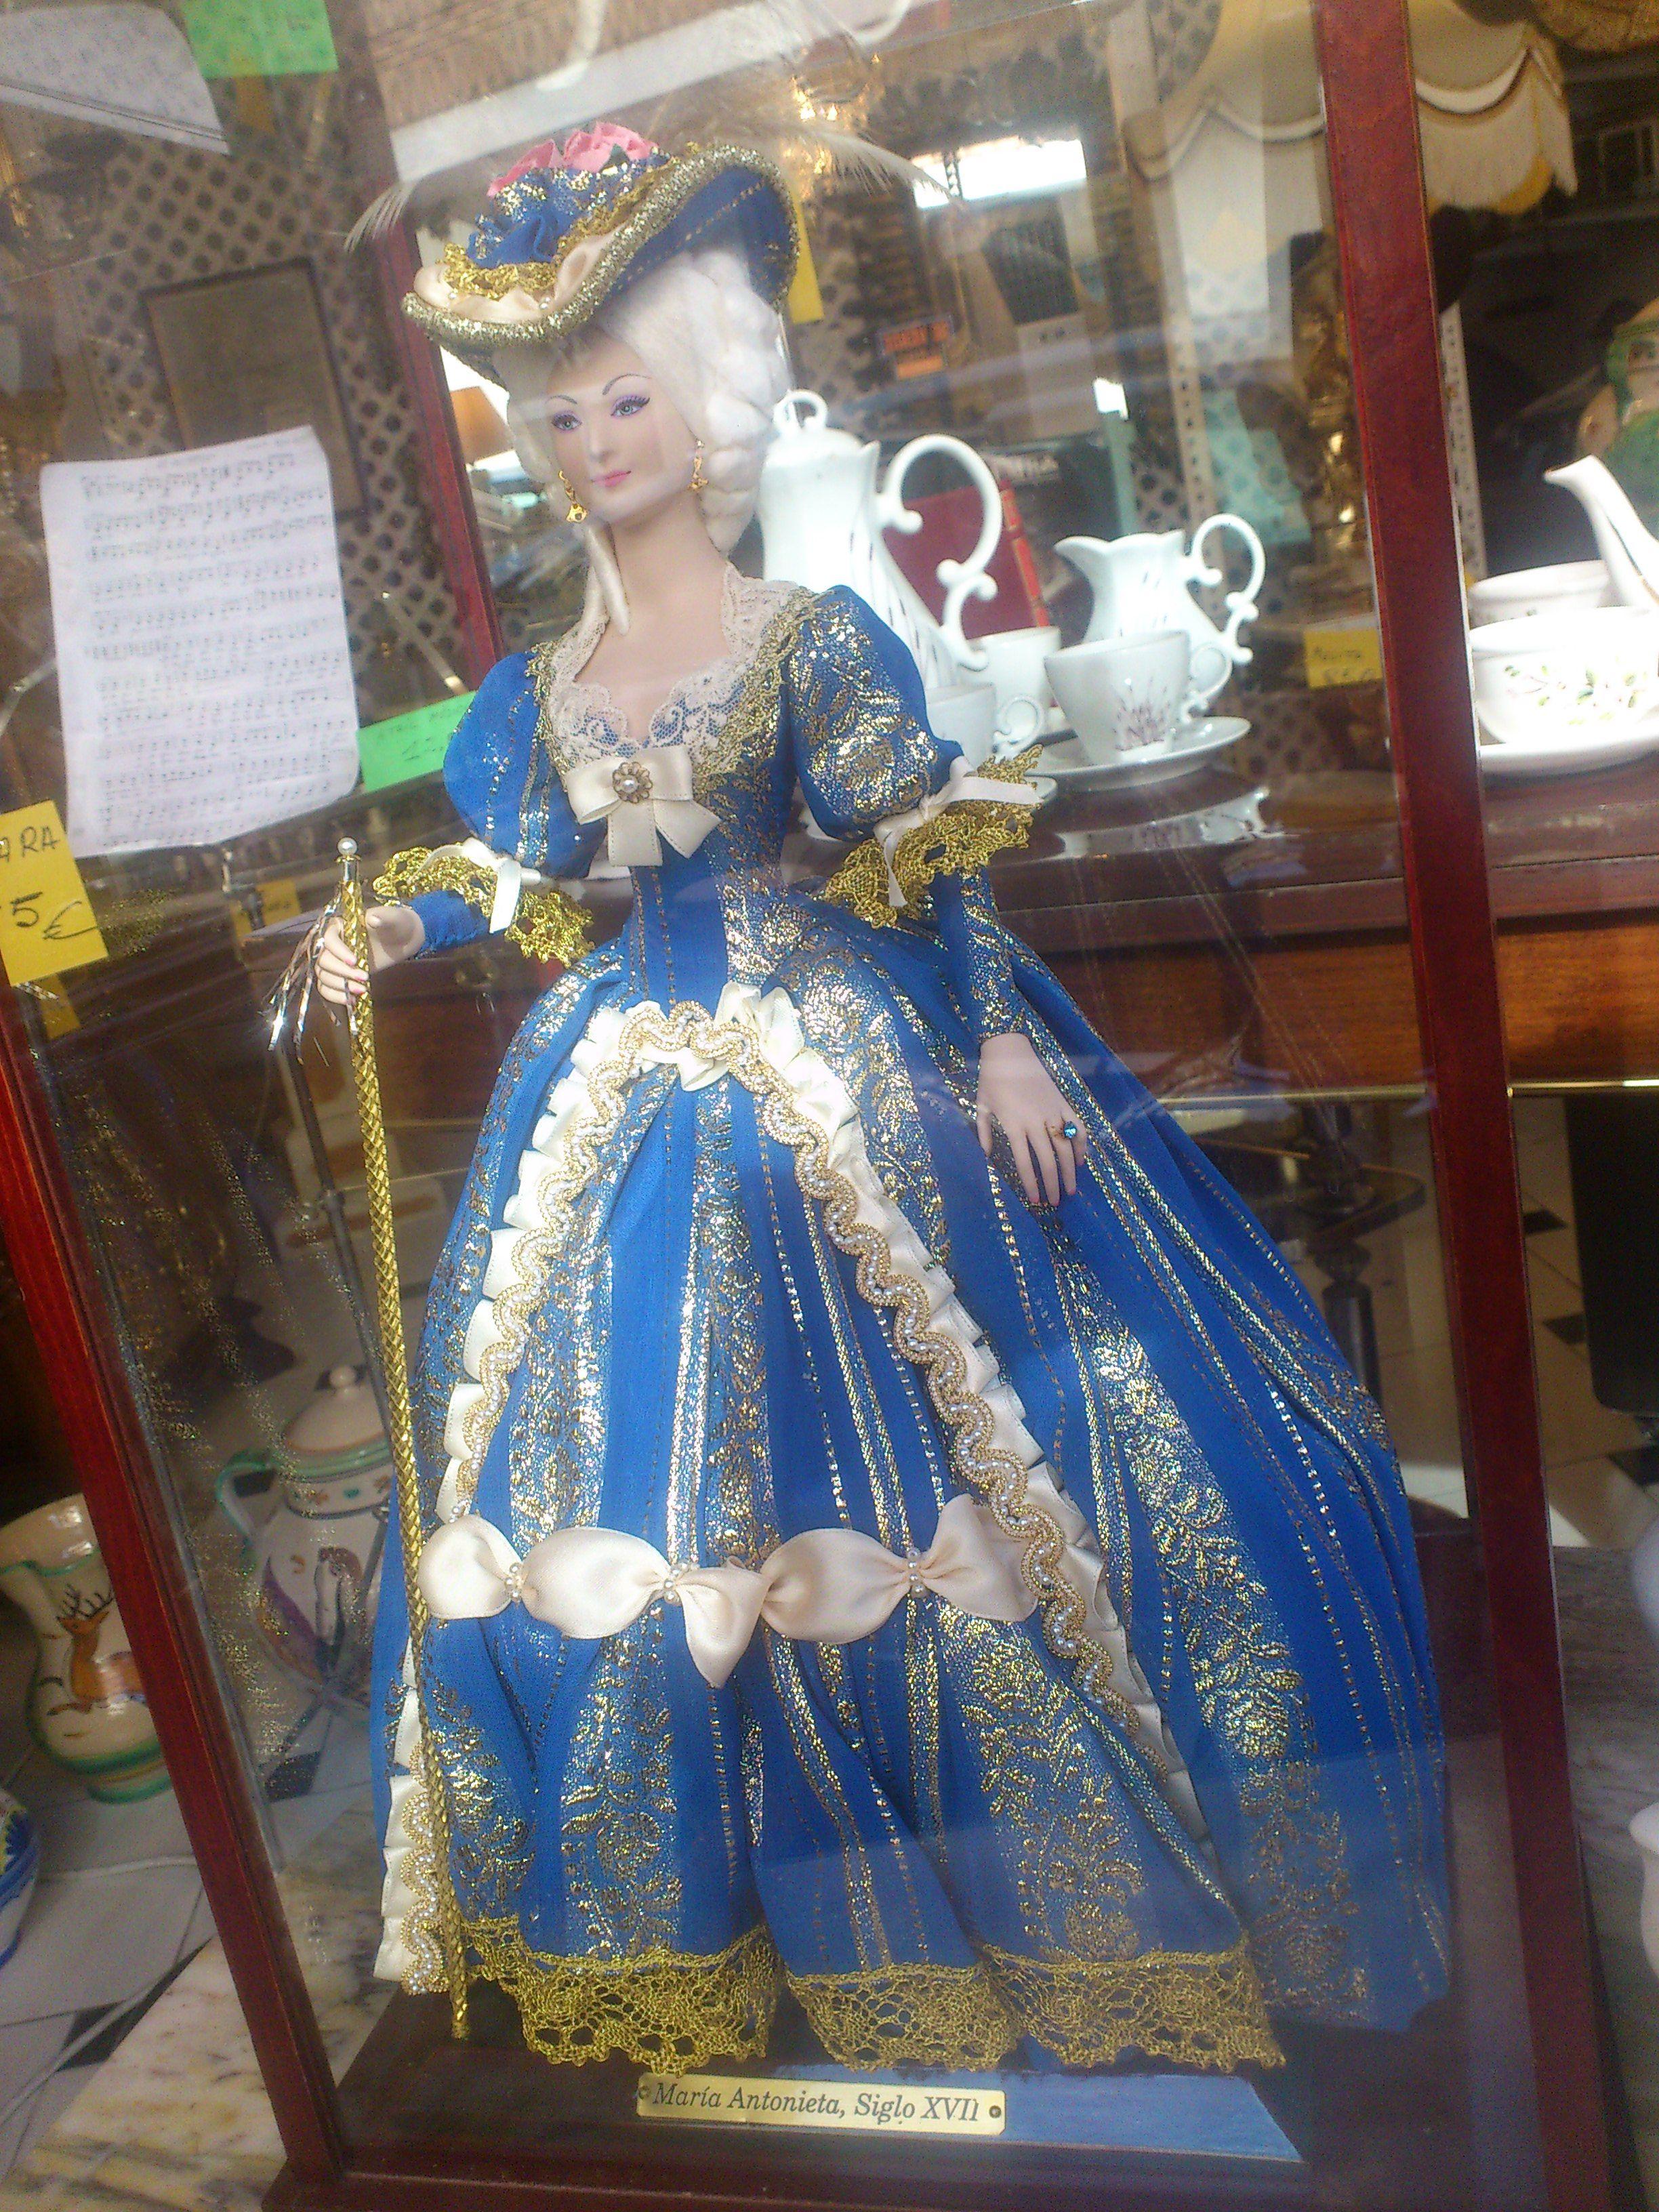 muñeca porcelana pintada y vestida a mano de cincuenta y nueve centimetros y urna de vidrio. diseñada por Marin. museo se encuentra en Chiclana VENDIDO